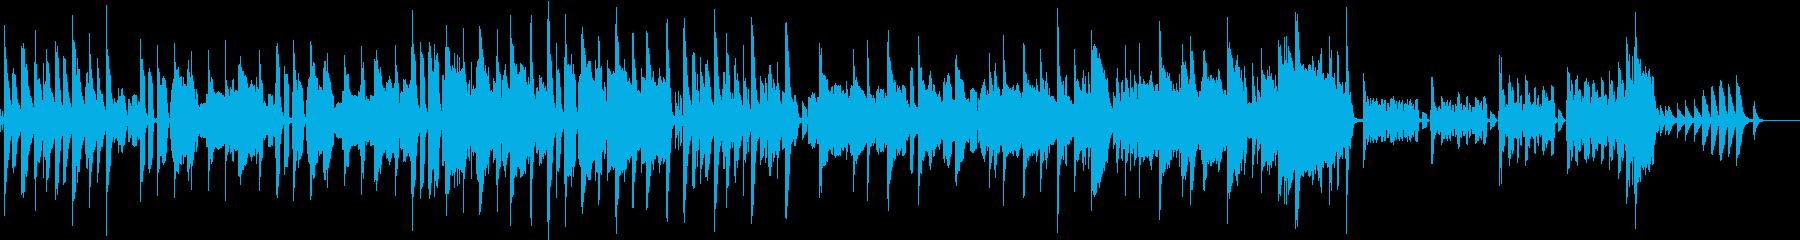 ほのぼの スウィング ポップの再生済みの波形